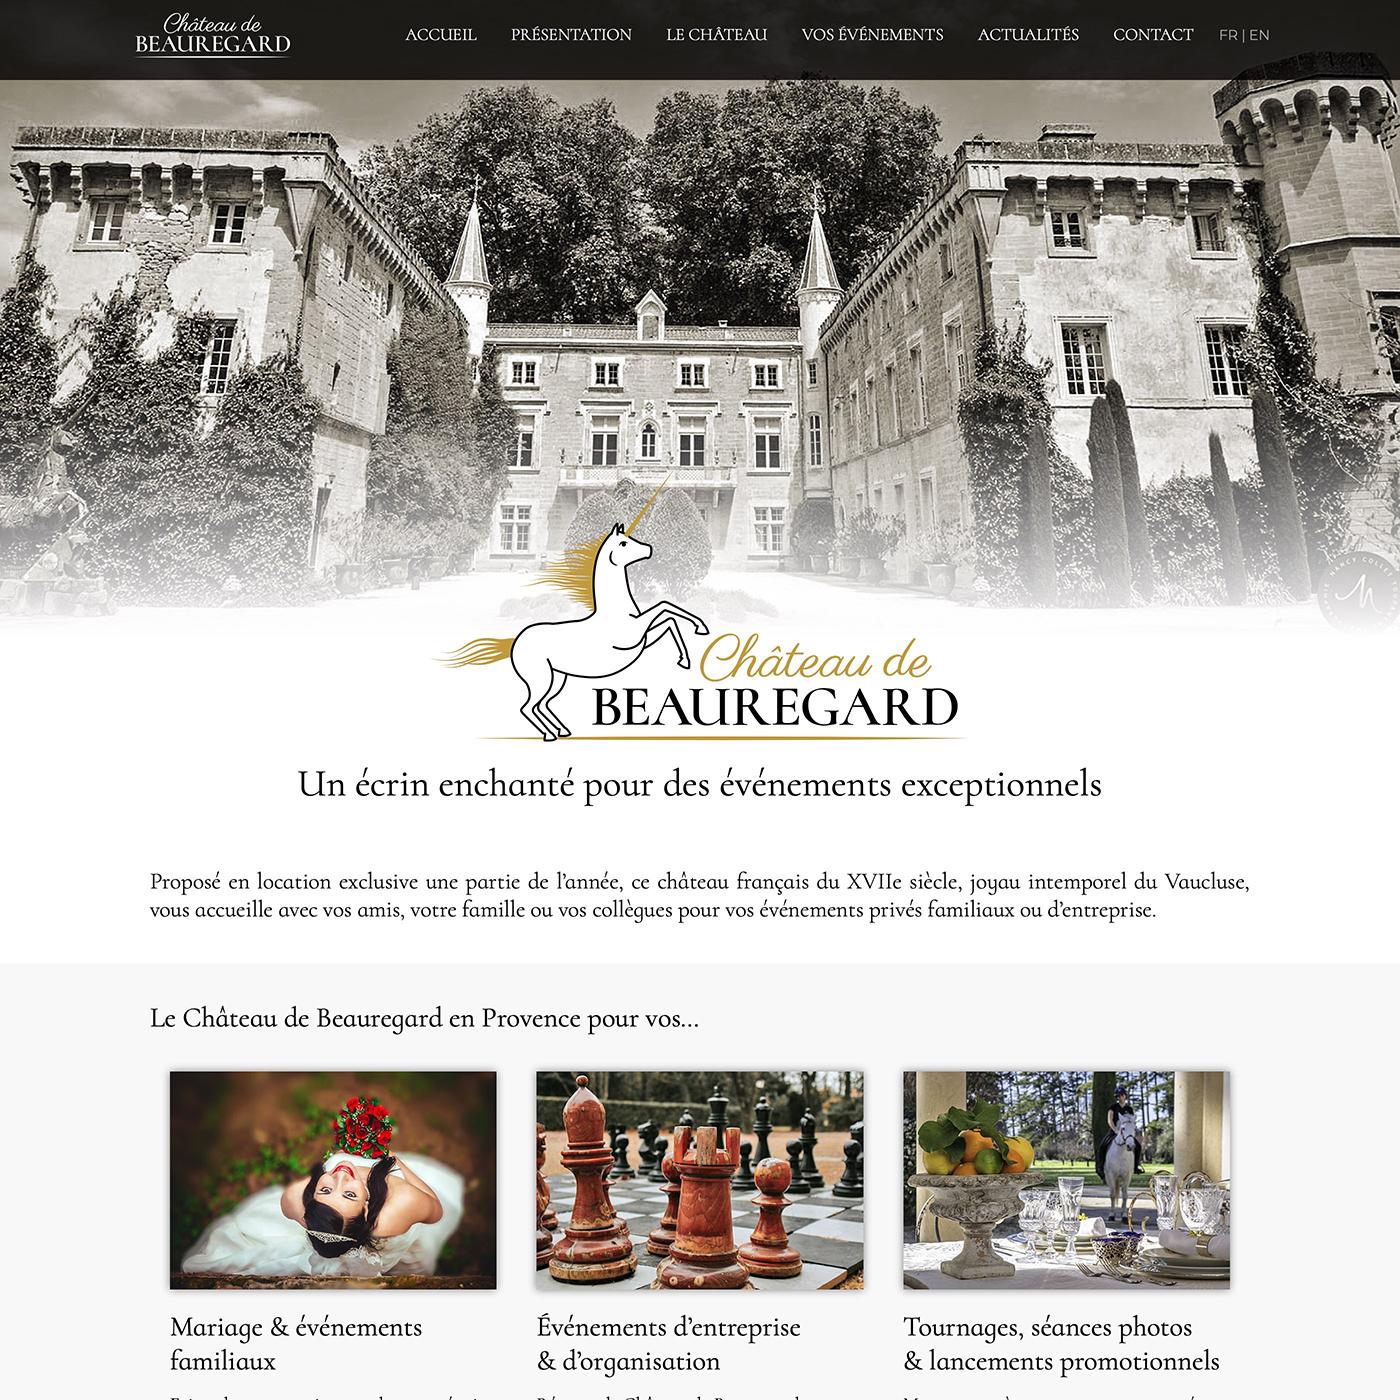 Louez le Château de Beauregard - en usage exclusif - à Jonquières en Vaucluse pour vos événements privés de famille ou d'entreprise.